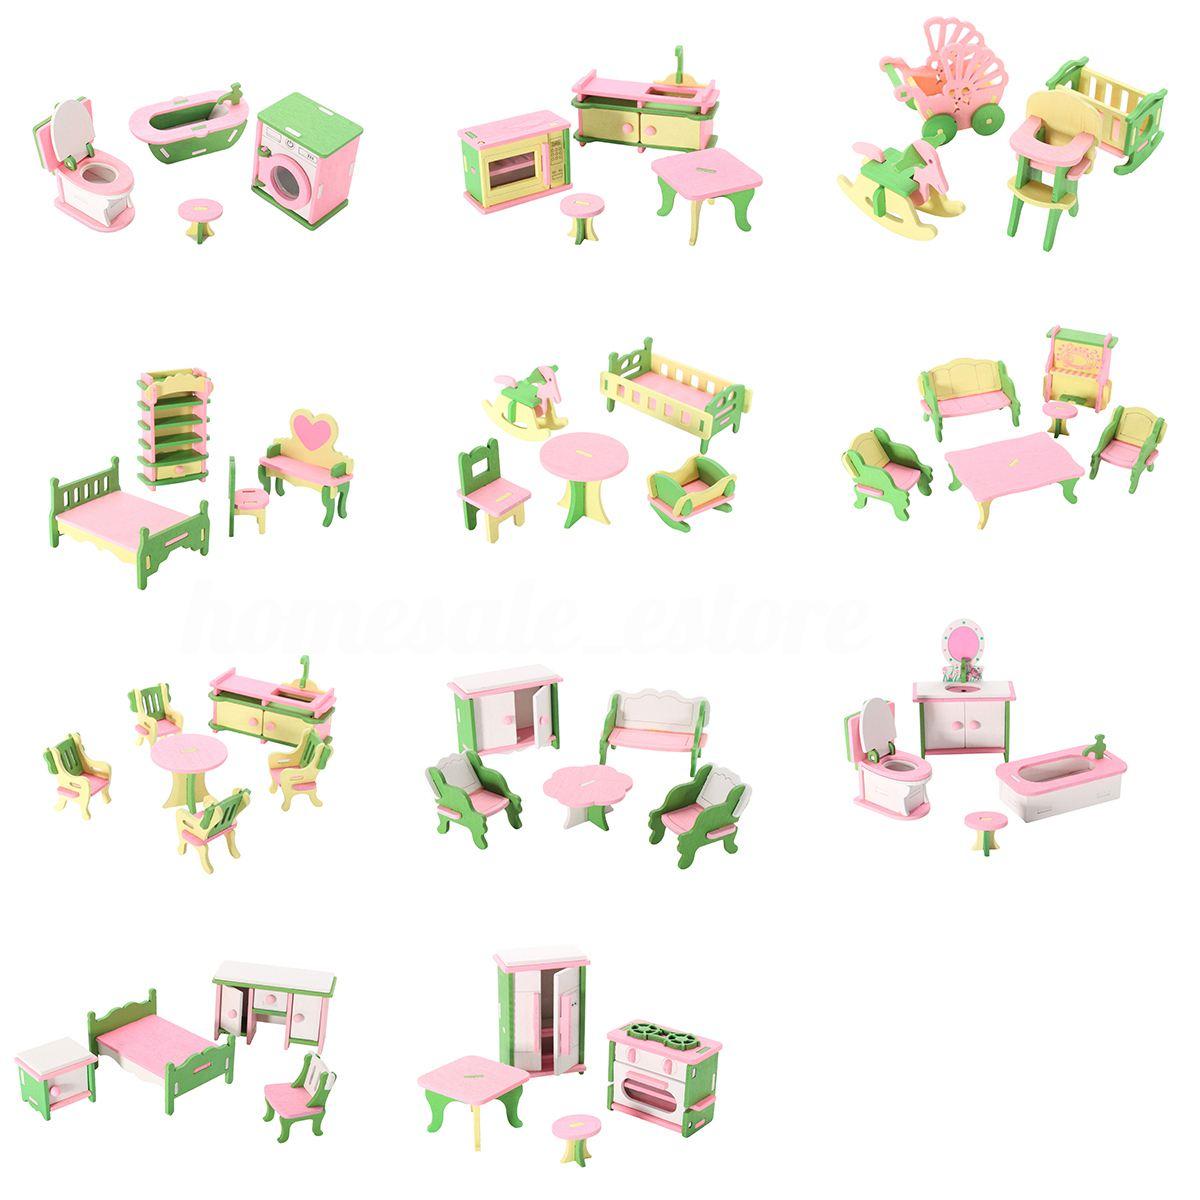 MAGICYOYO 49 pcs 11 ensembles Bébé Meubles En Bois Poupées Maison Miniature Enfant Jouer Jouets Cadeaux